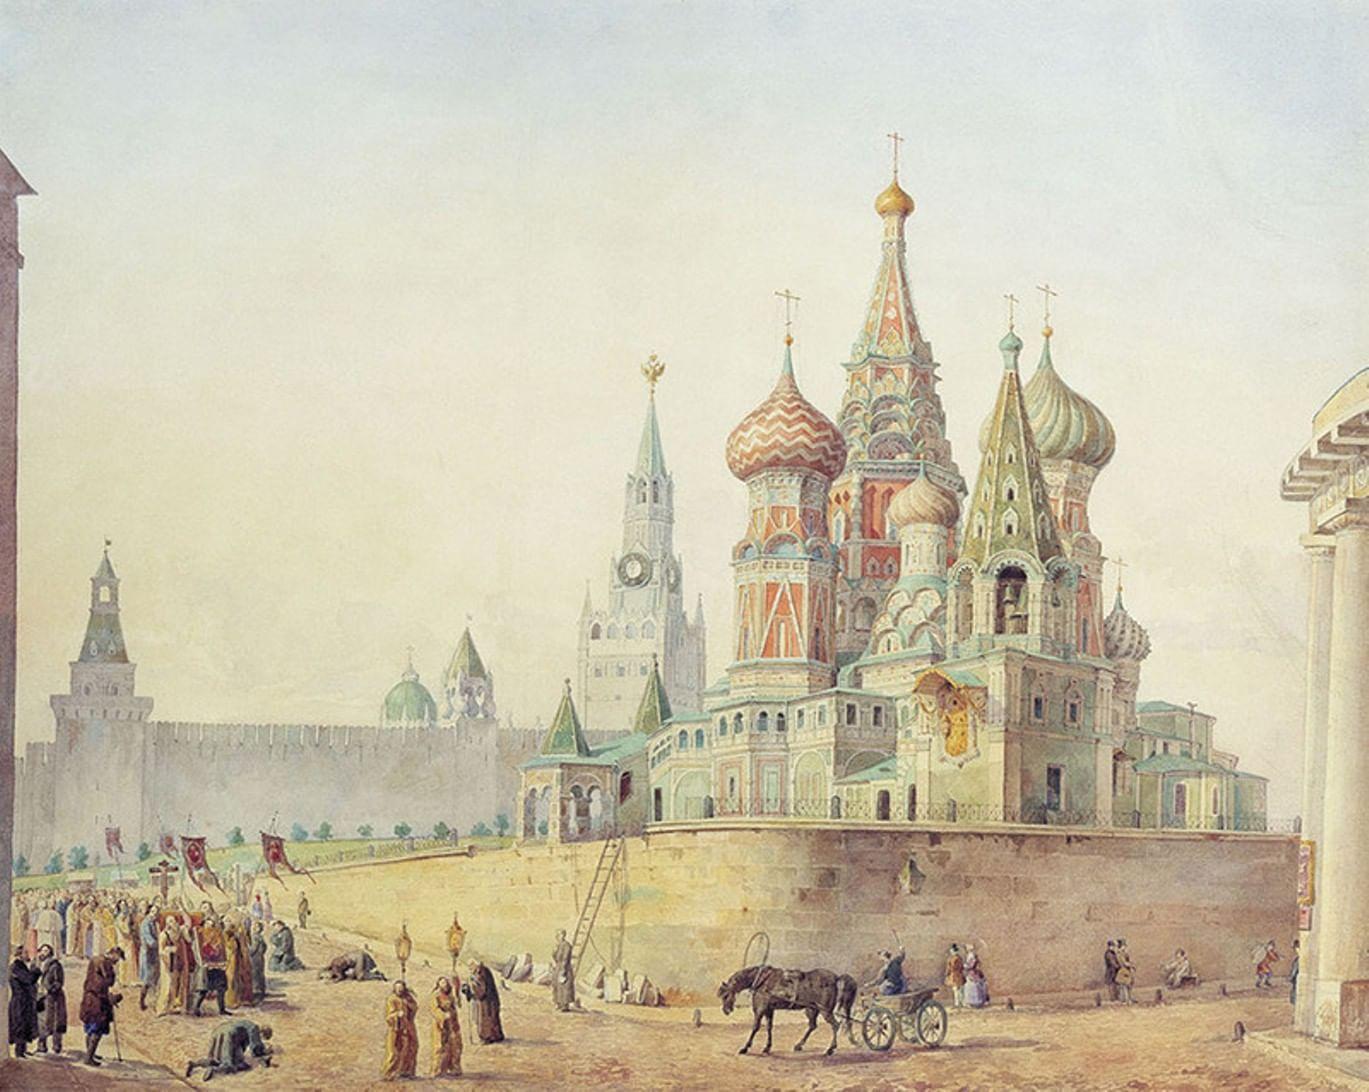 От Питера до Москвы. Две столицы в русской литературе. Галерея 2. Николай Гоголь